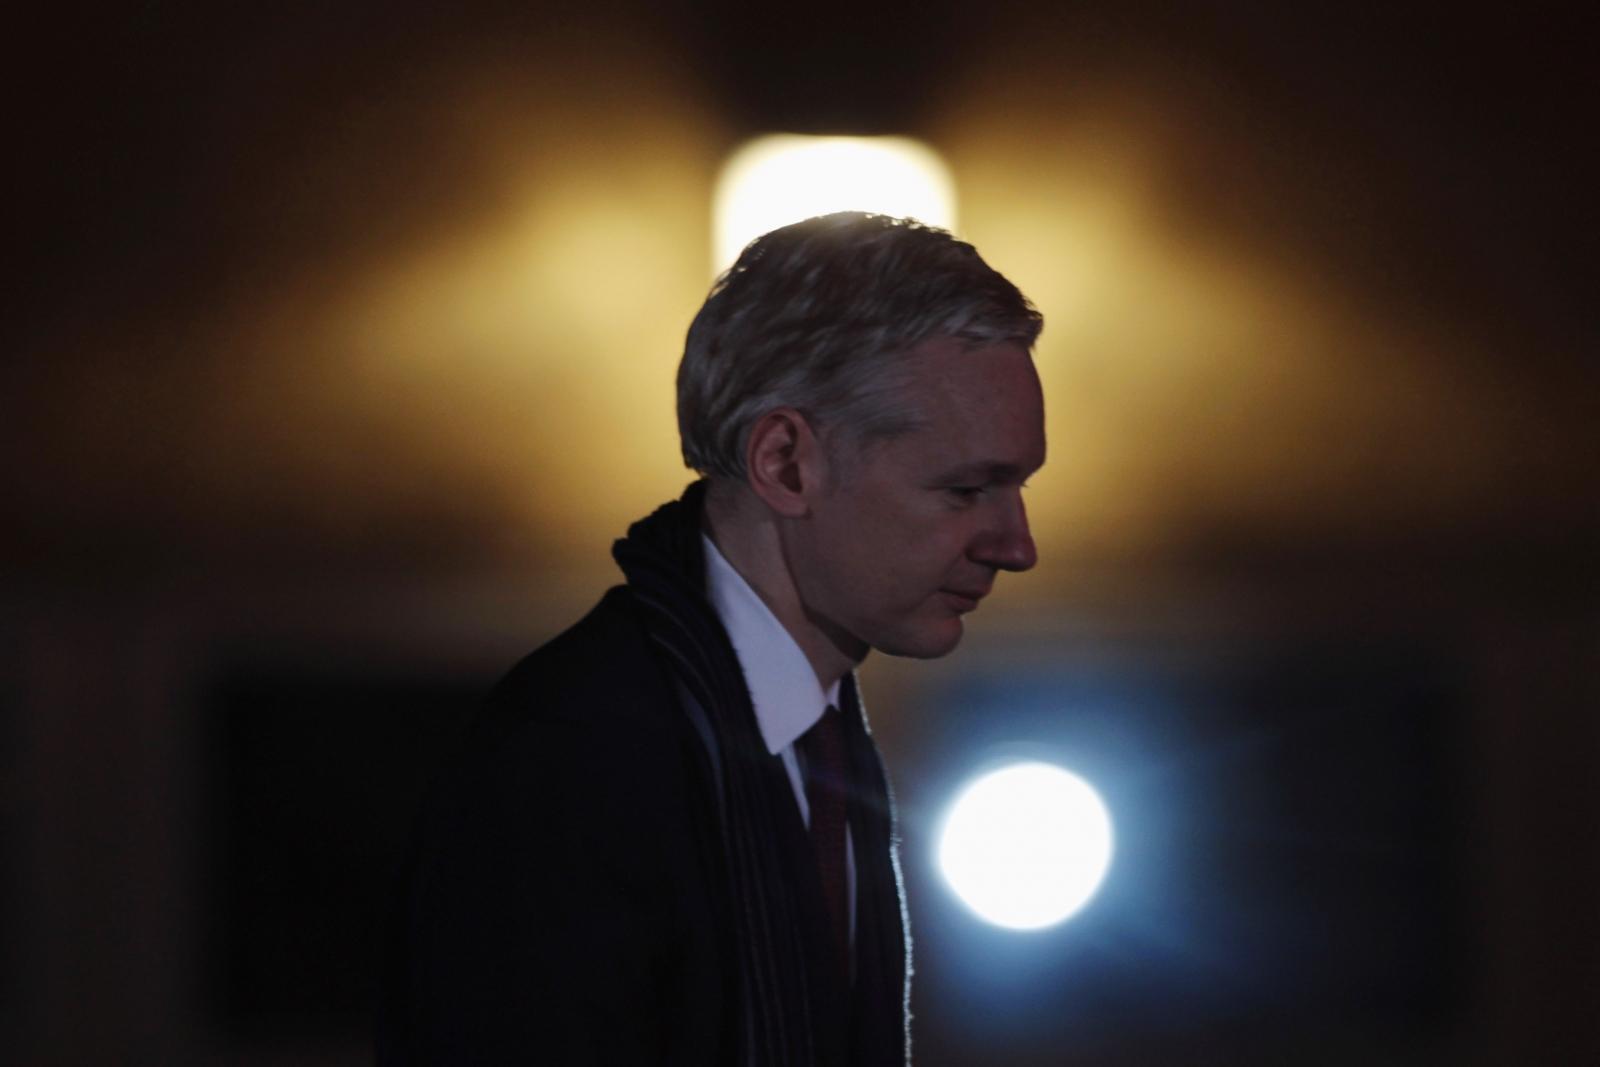 live leaks wiki wikileaks julian assange whistleblowing outfit  wikileaks julian assange whistleblowing outfit says trump tax wikileaks julian assange whistleblowing outfit says trump tax